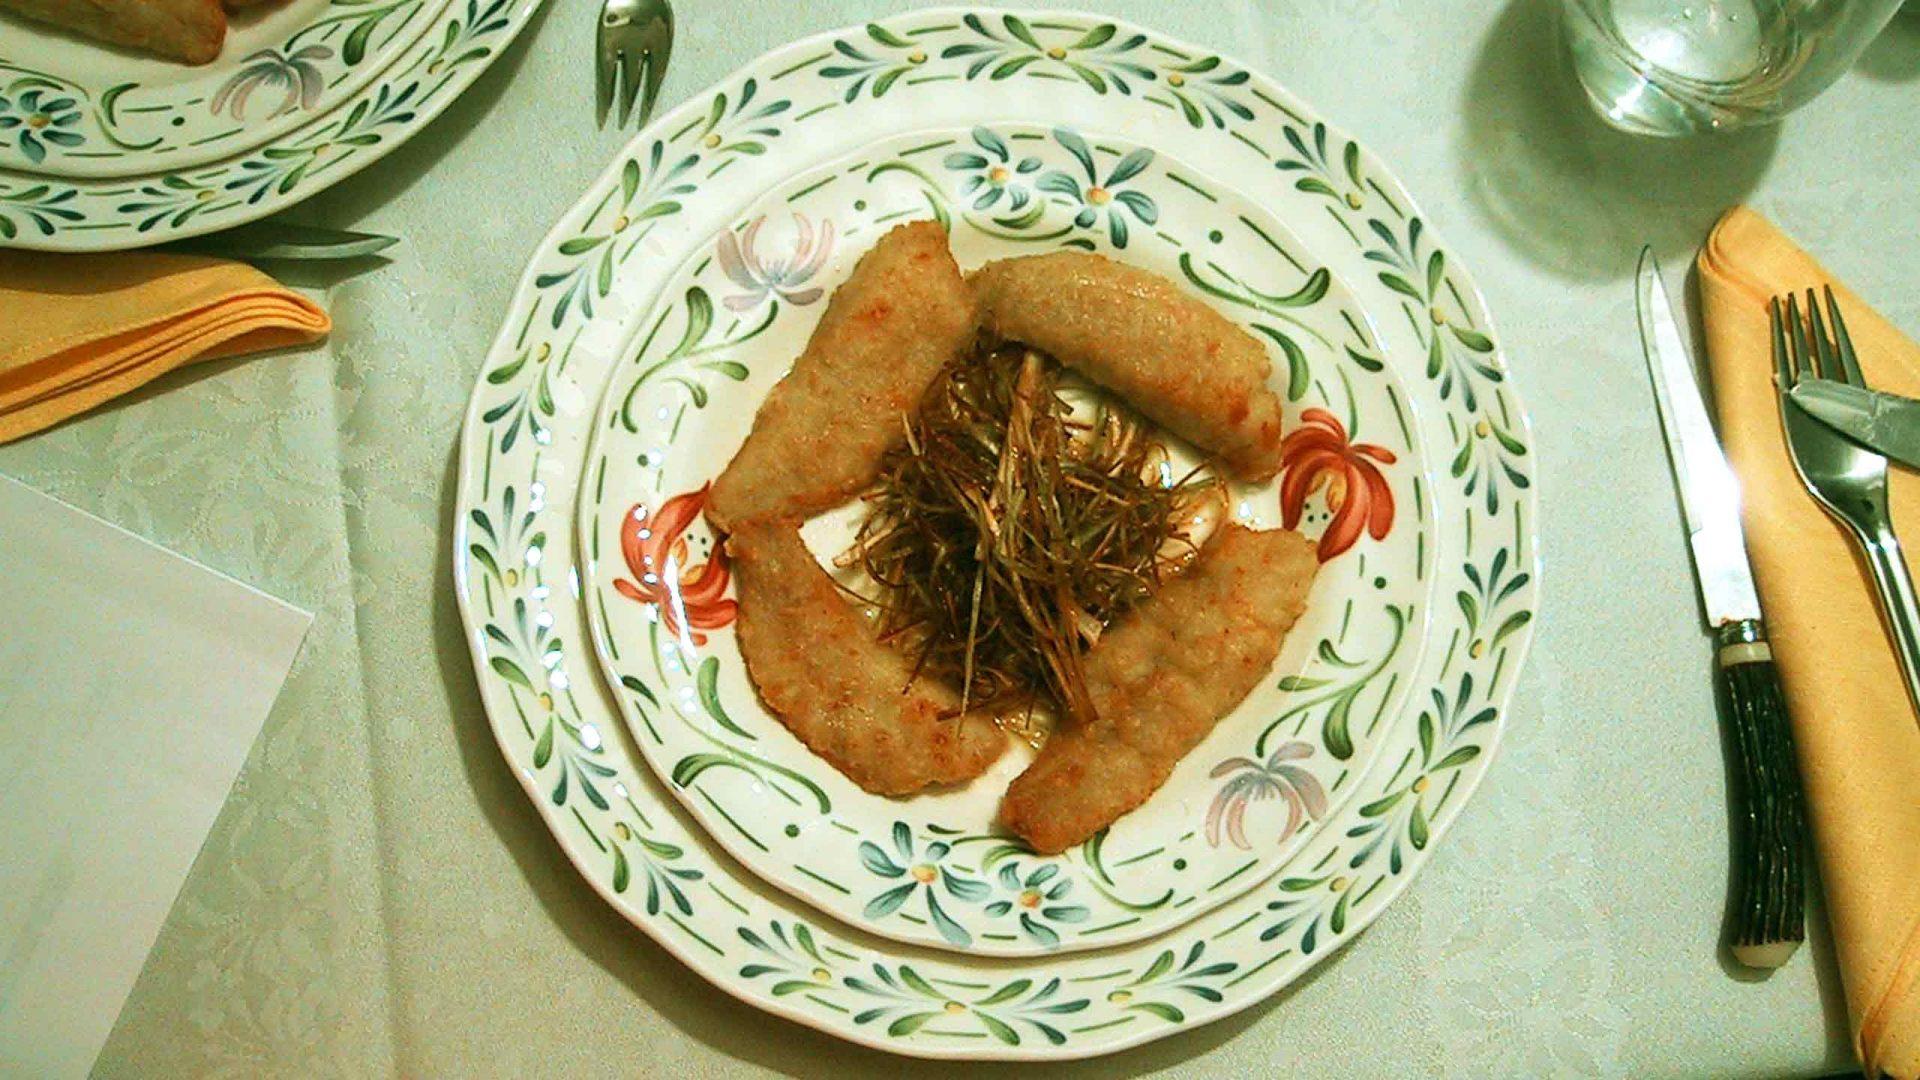 פילה מולית אדומה (ברבוניה) ברוטב תפוז